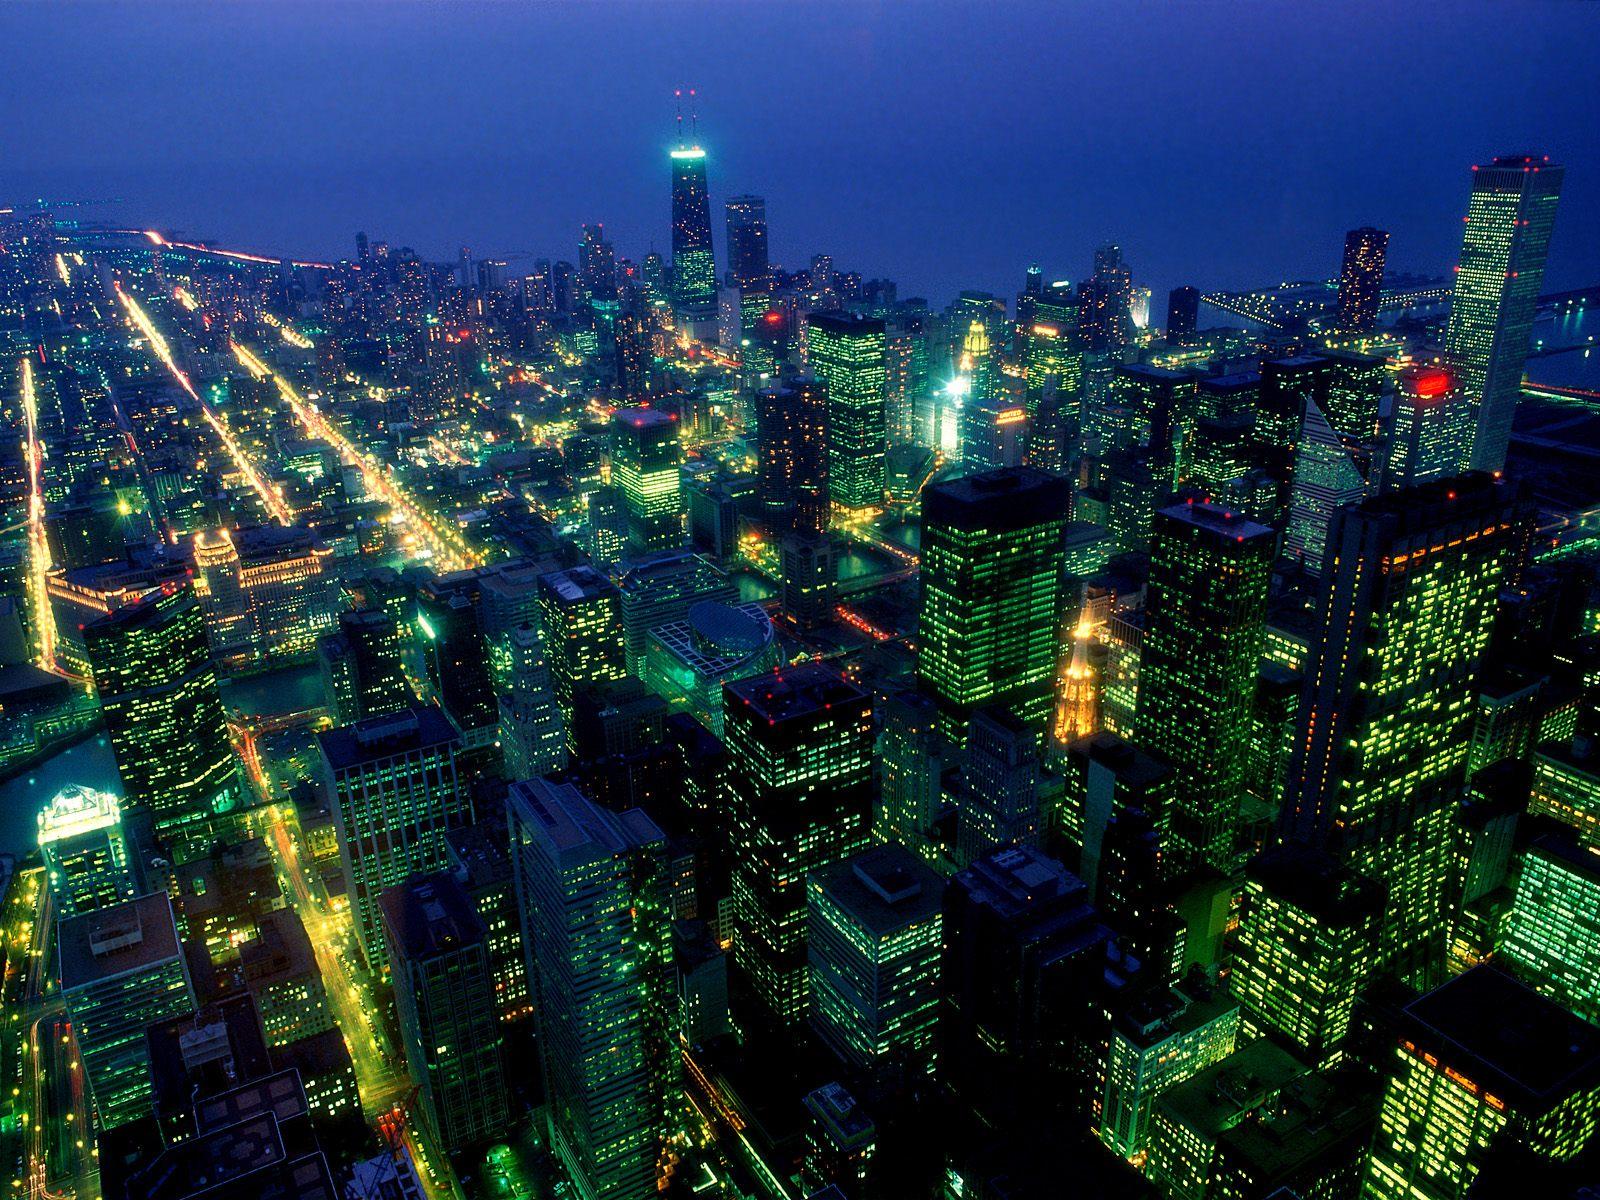 http://2.bp.blogspot.com/_Sfz4N4-X2Fg/TSsK56OJZSI/AAAAAAAABIg/ey7X1gkfUIs/s1600/after-dark-in-chicago-wallpapers_3700_1600.jpg